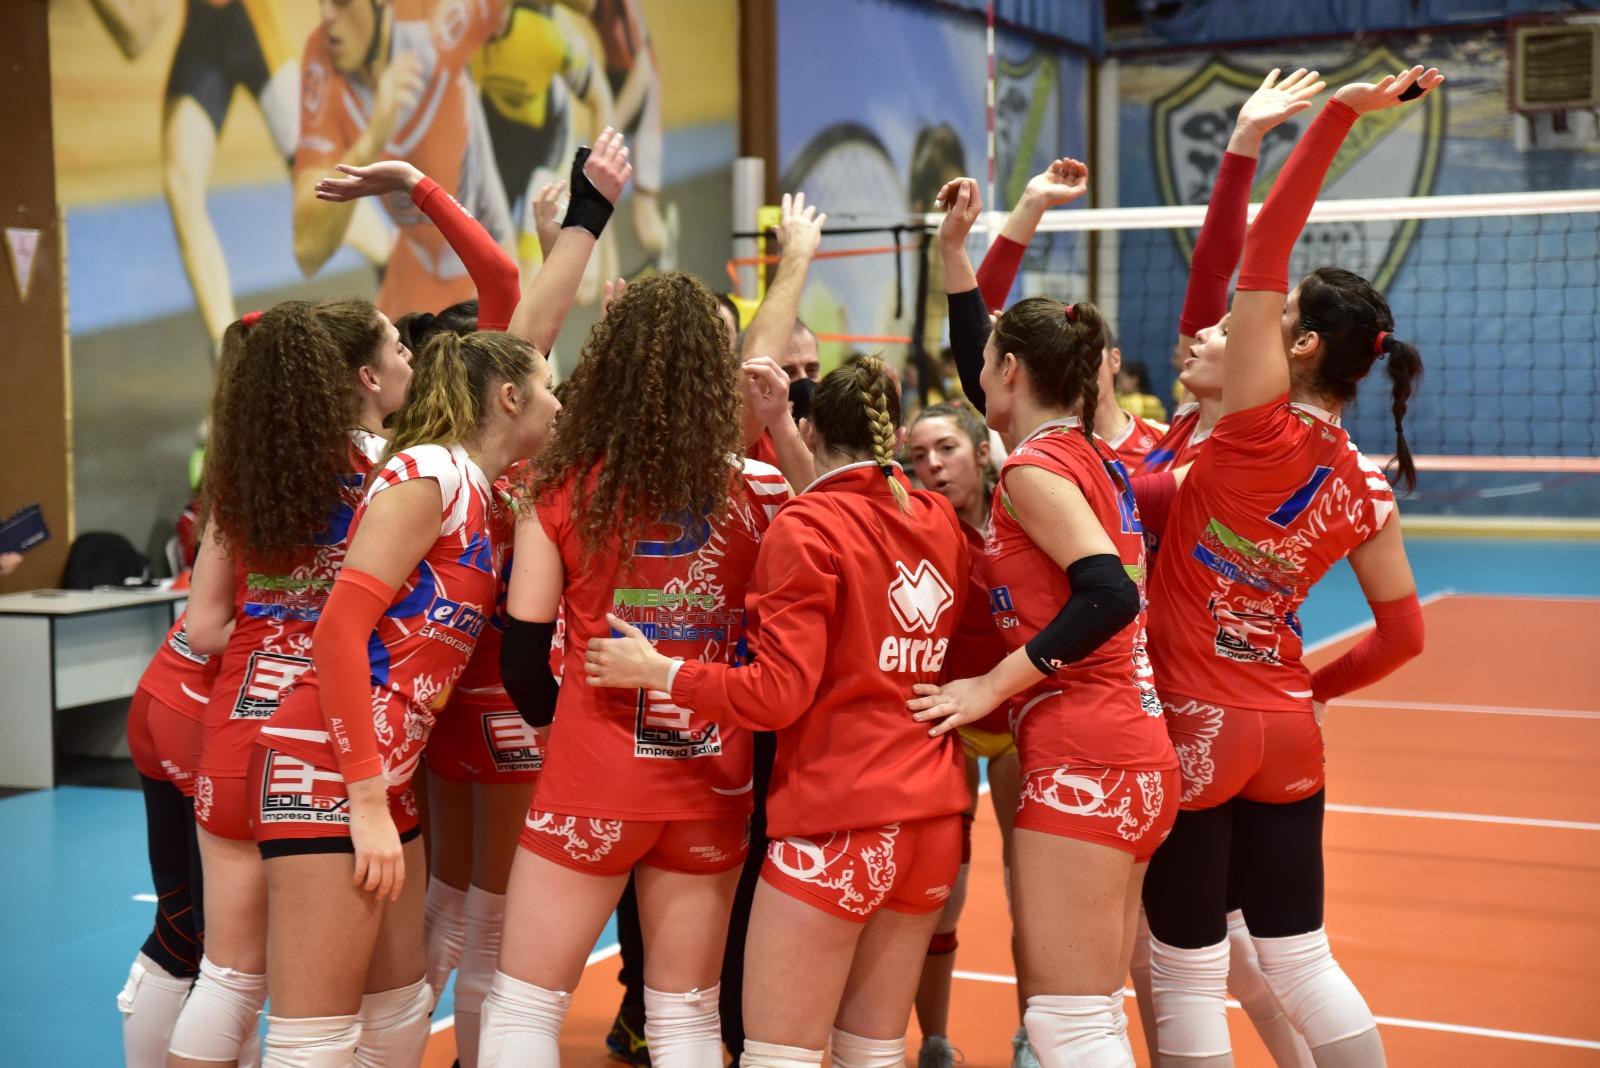 grosseto-Volley-squadra-che-festeggia